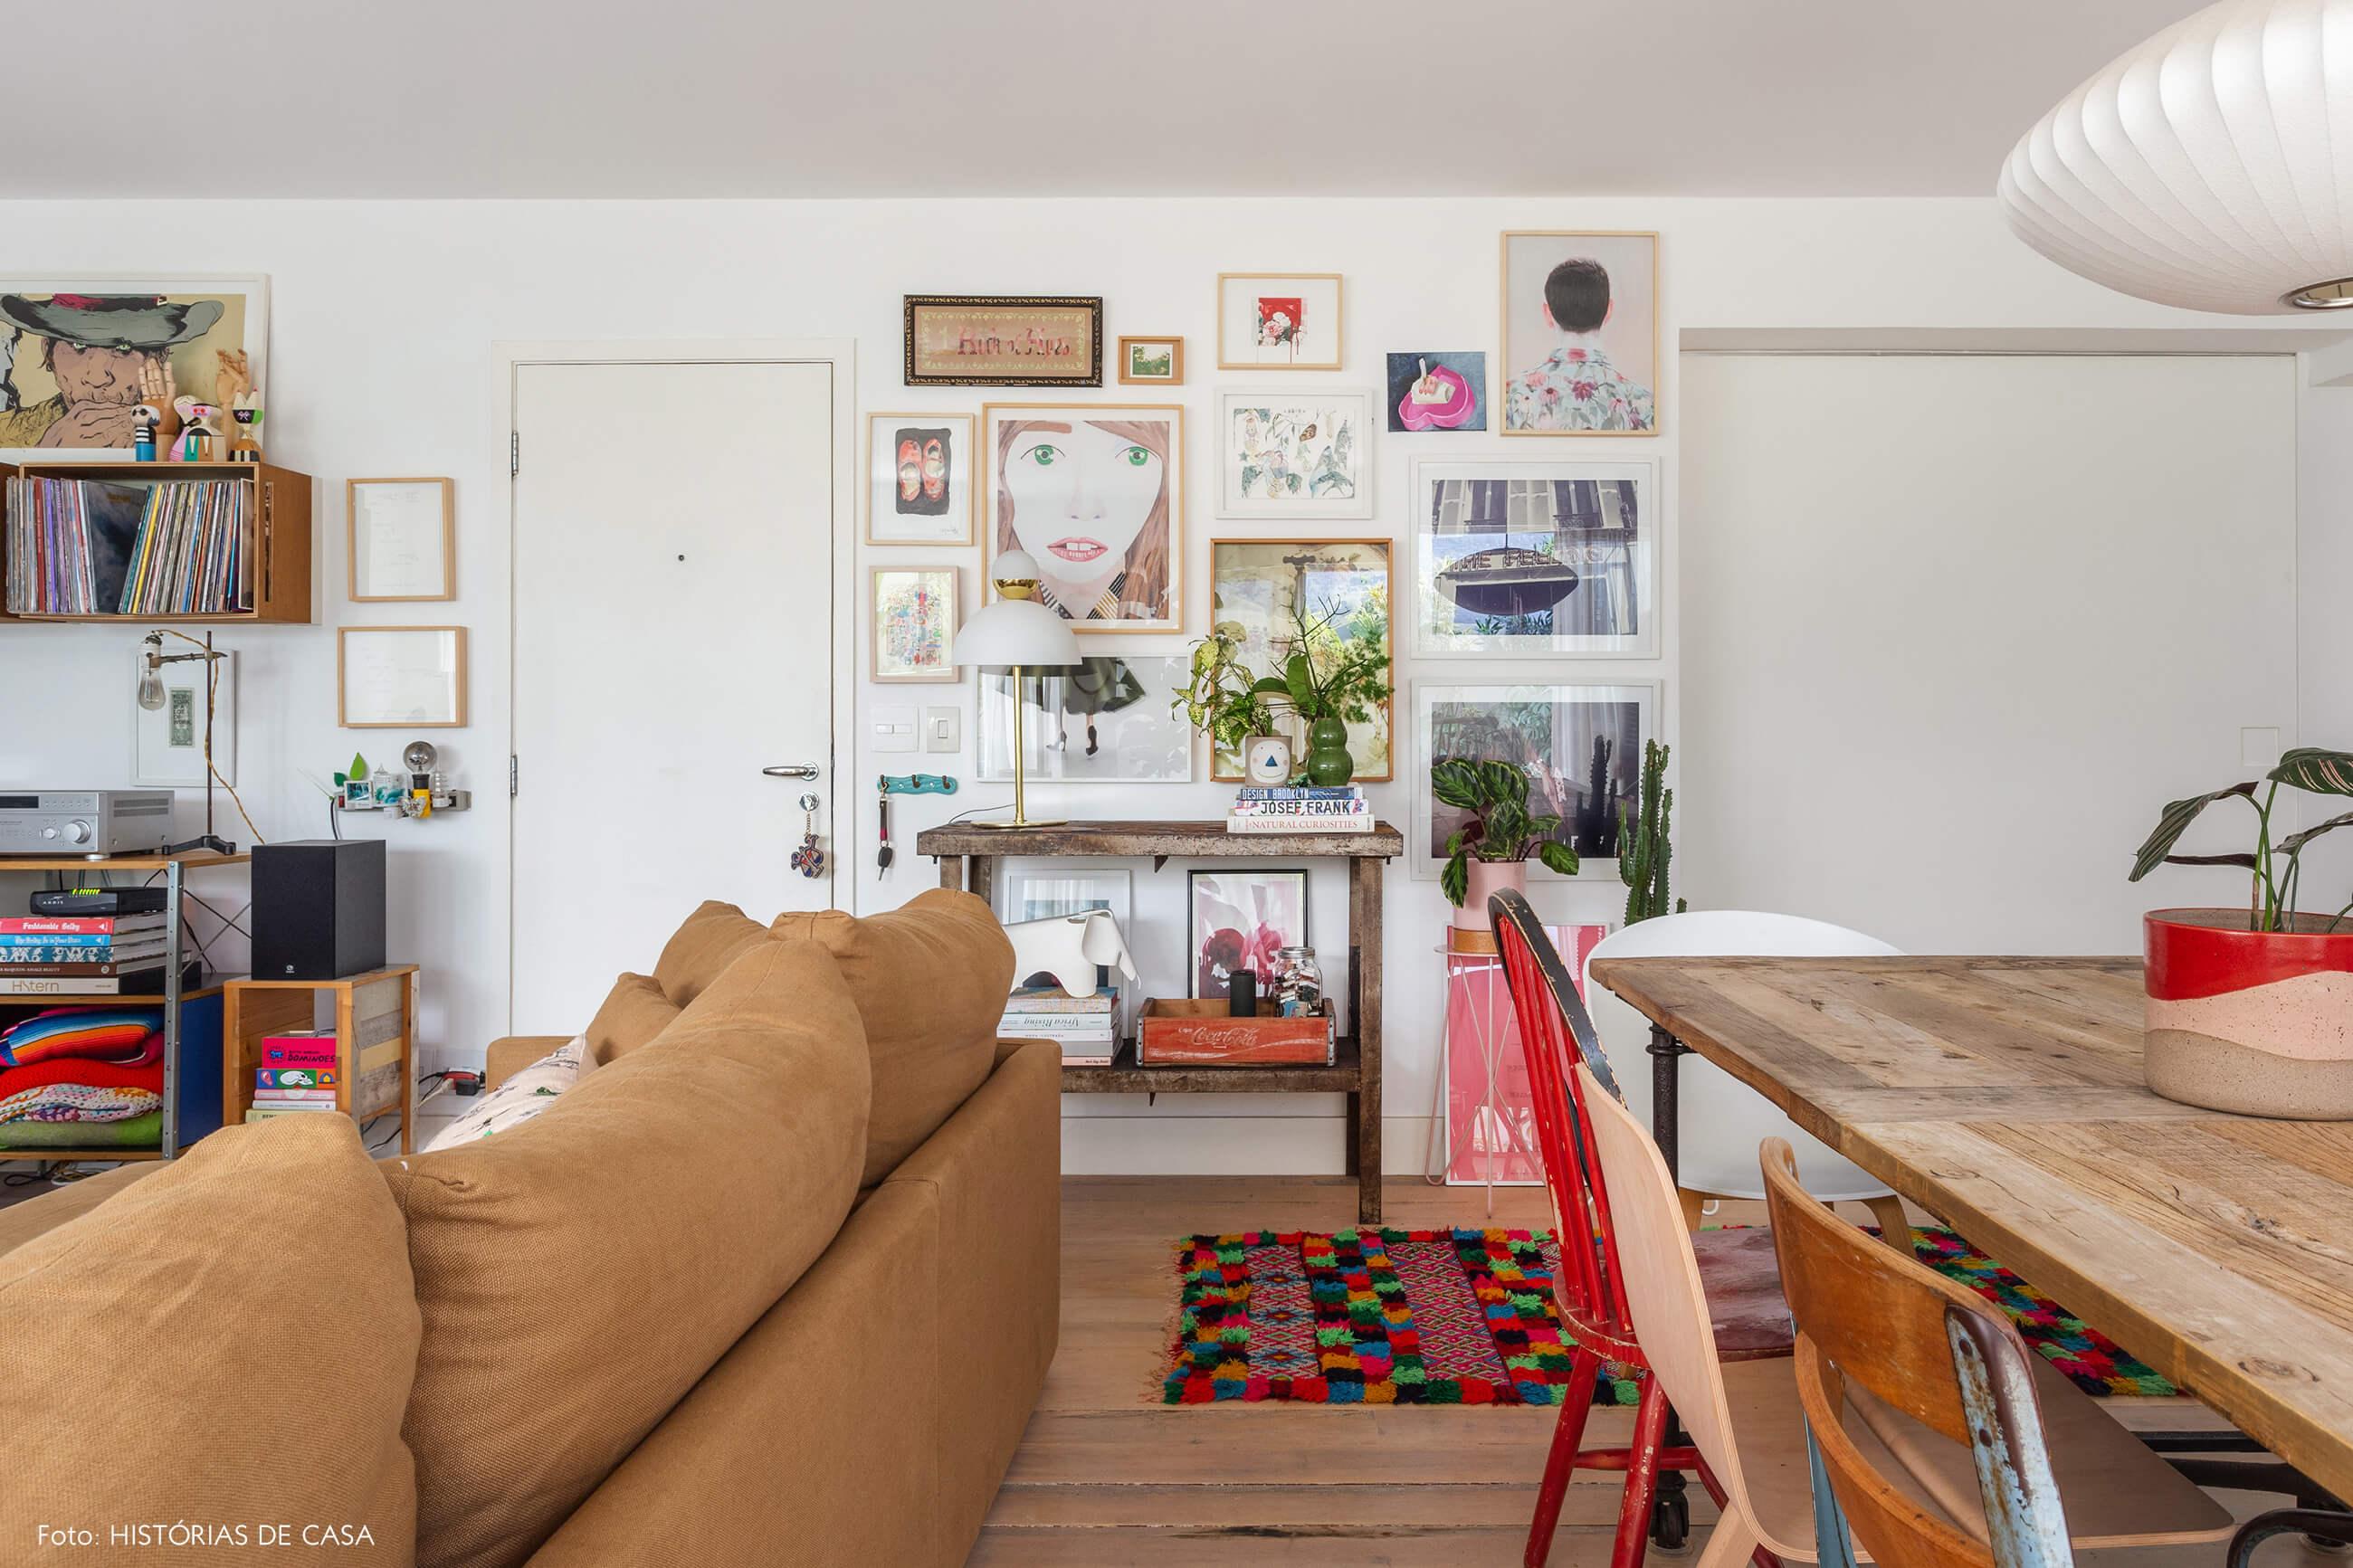 Sala com parede de quadros bem coloridos